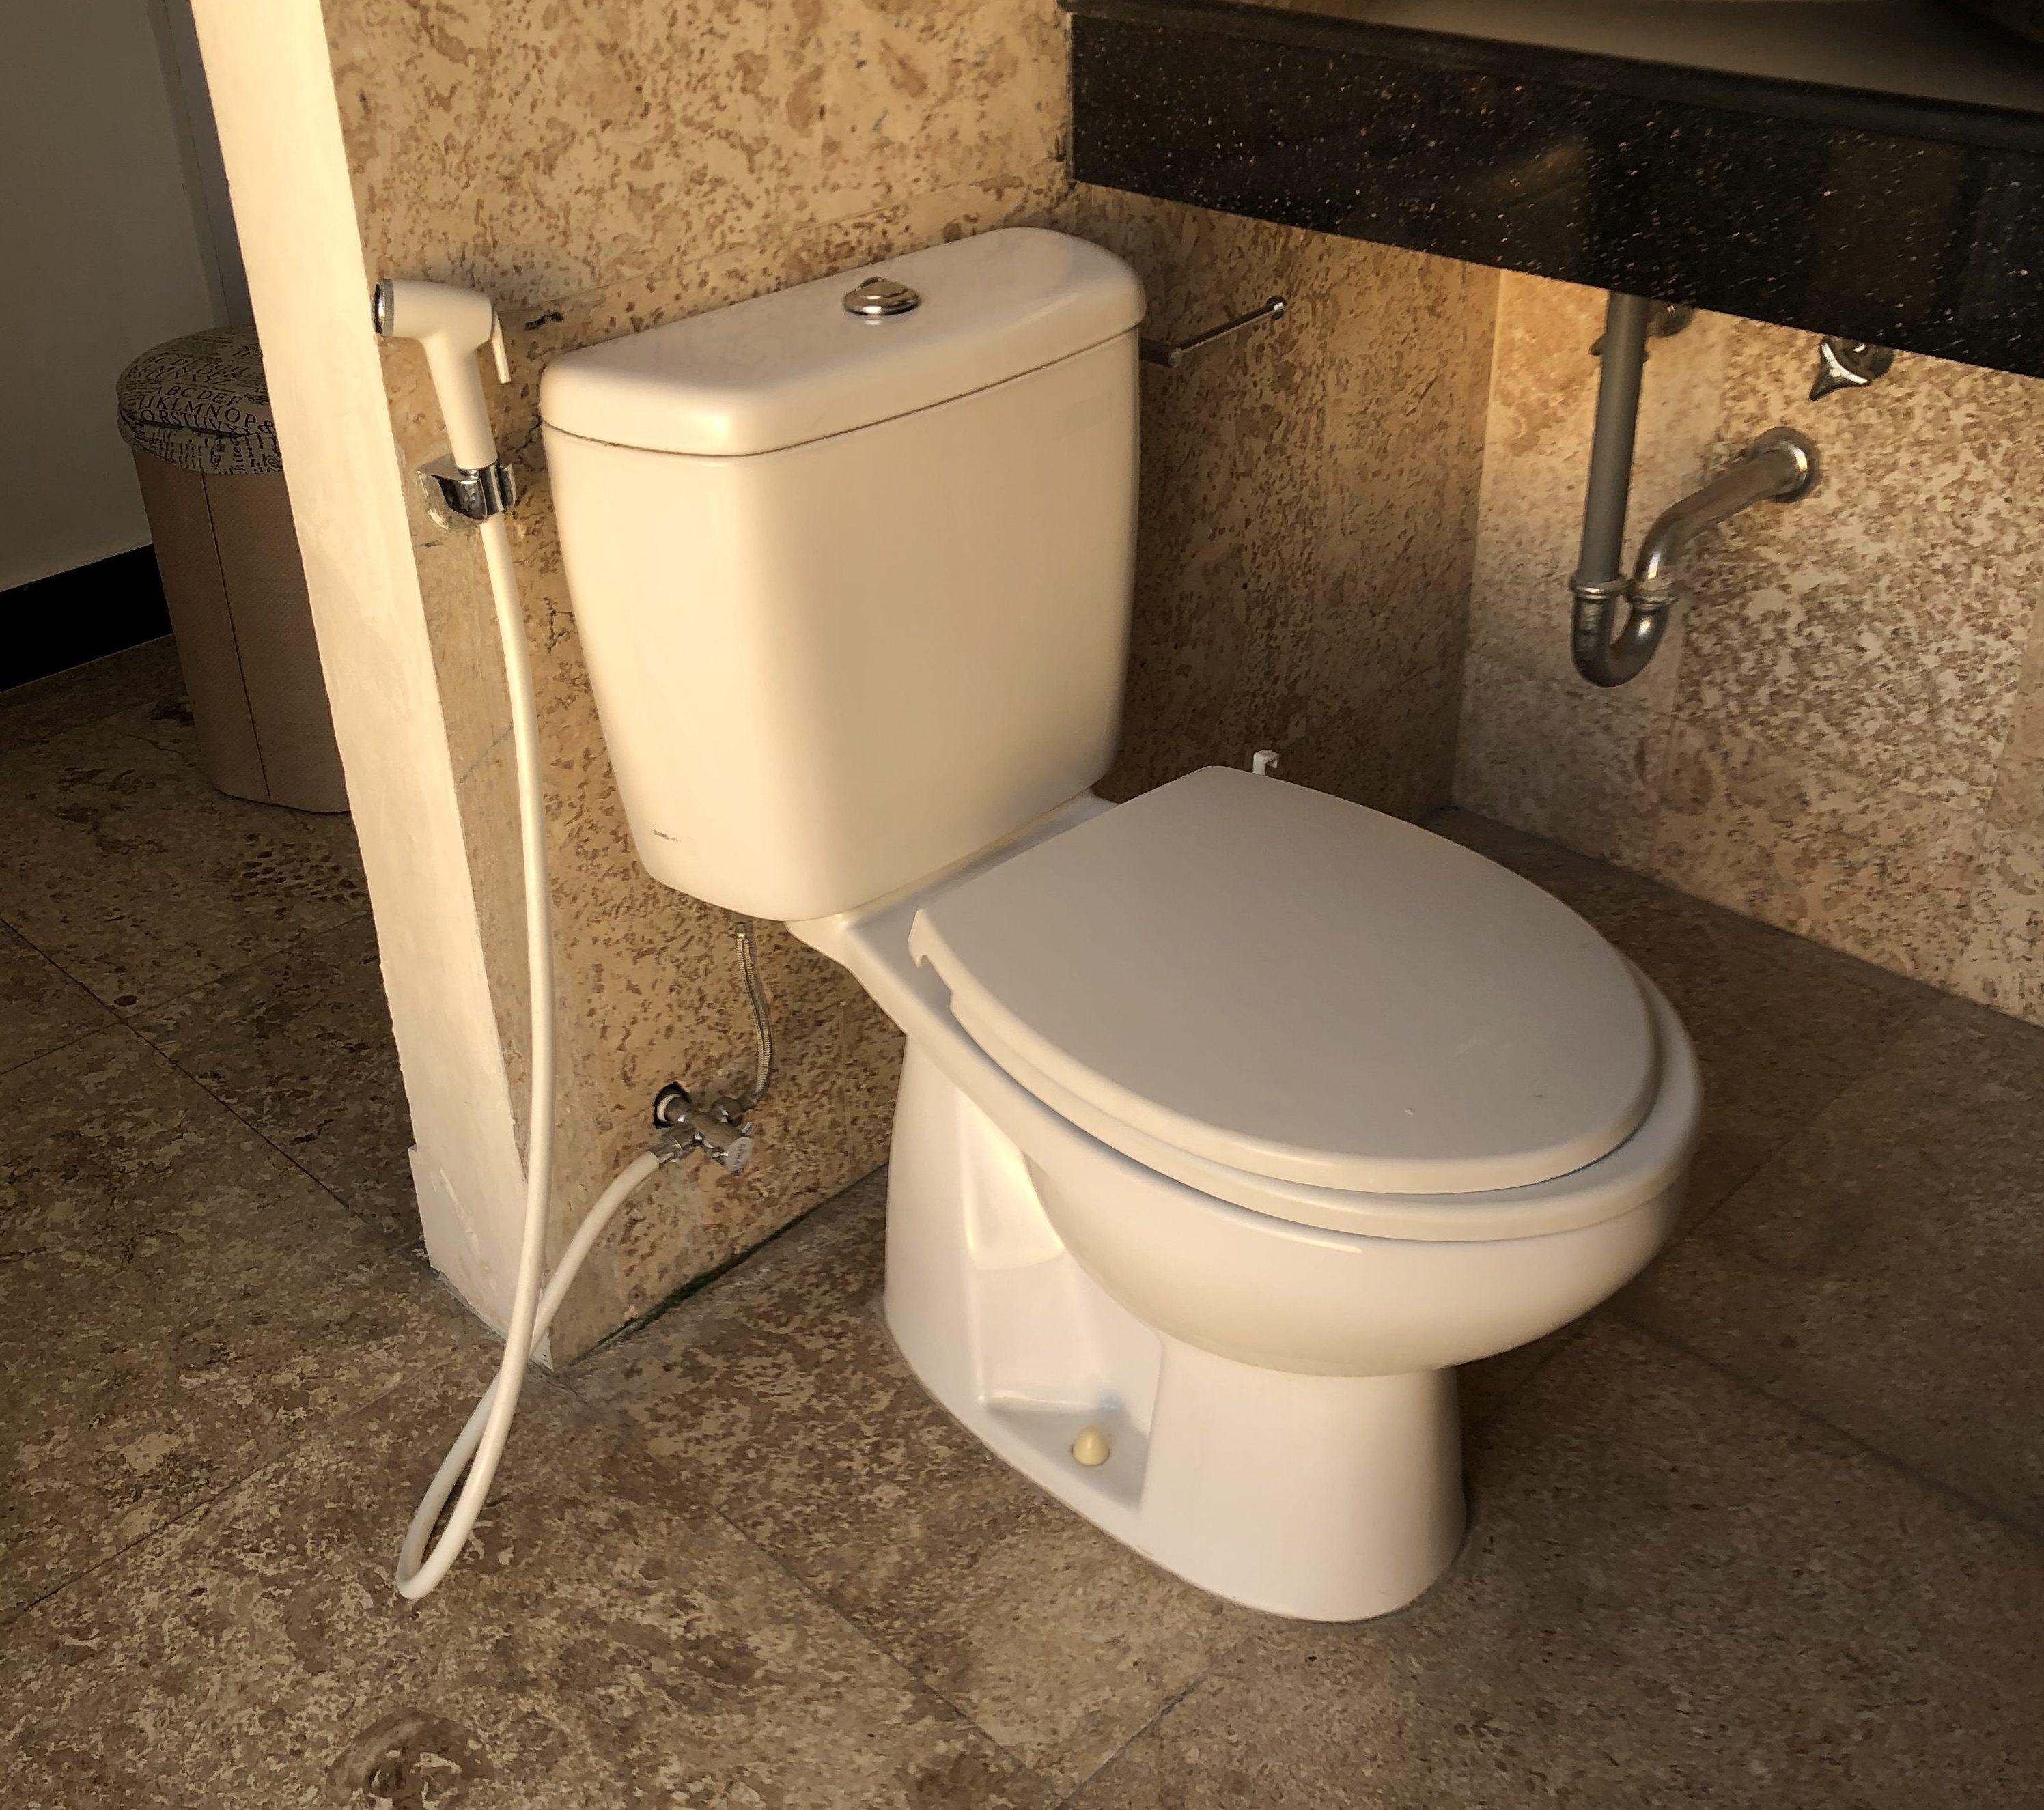 baumfrei - Irrsinn Toilettenpapier